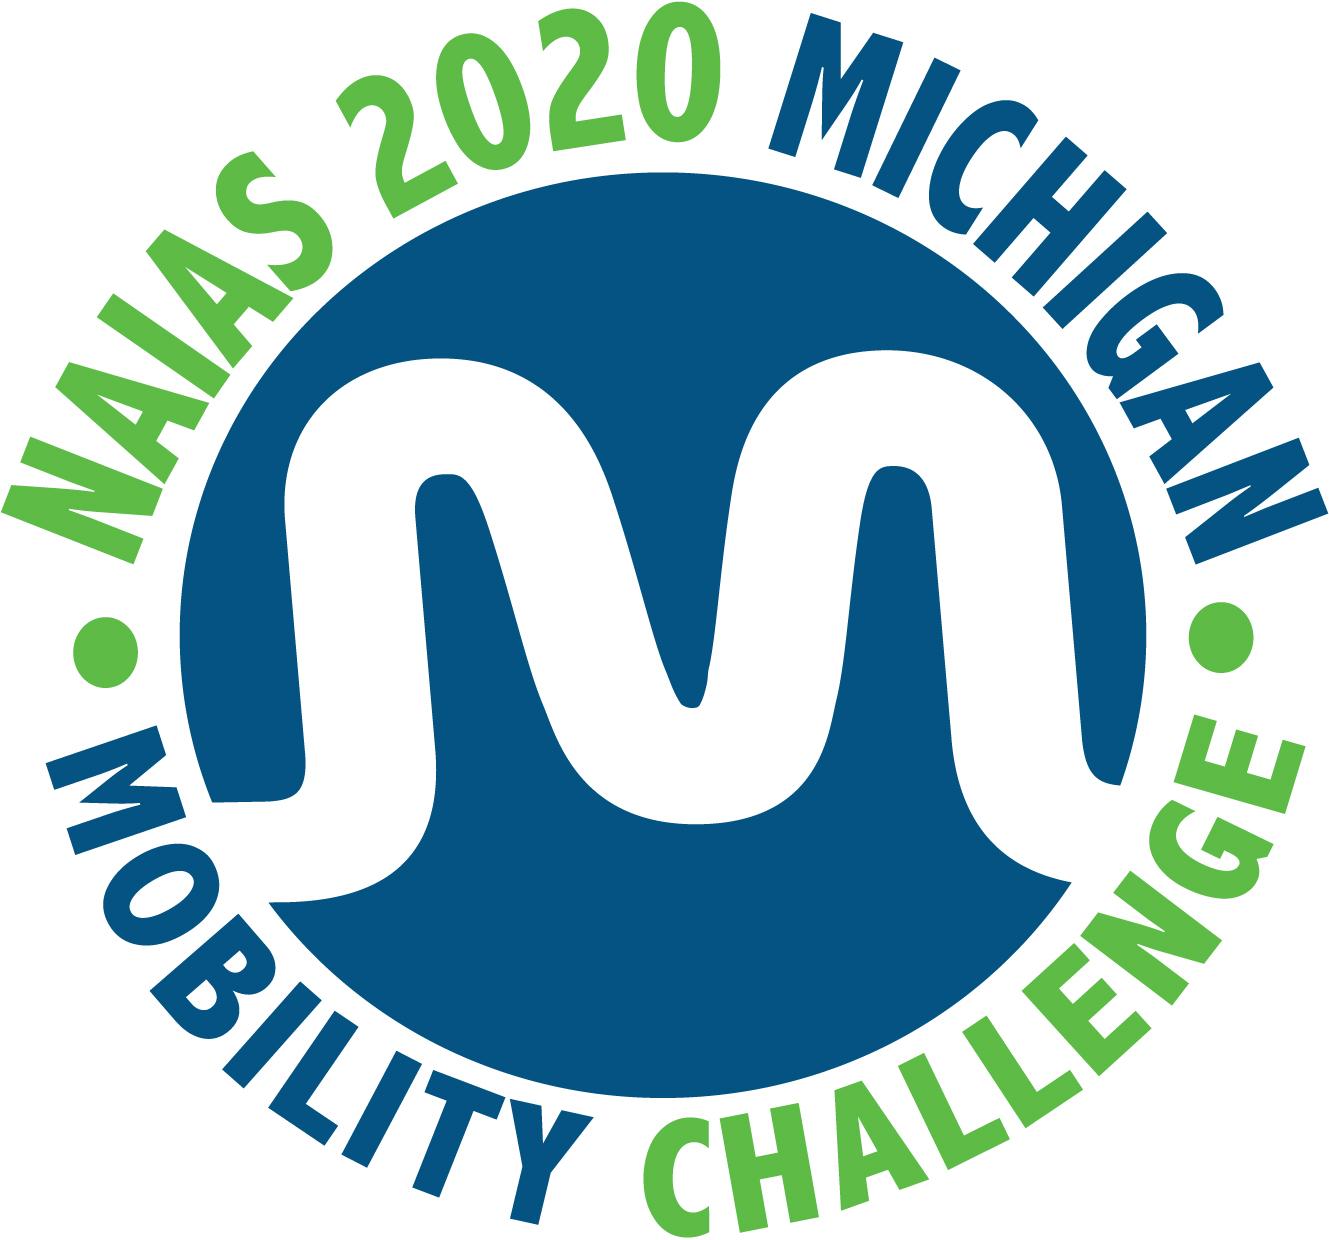 NAIAS_2020_Mobility_logo.jpg